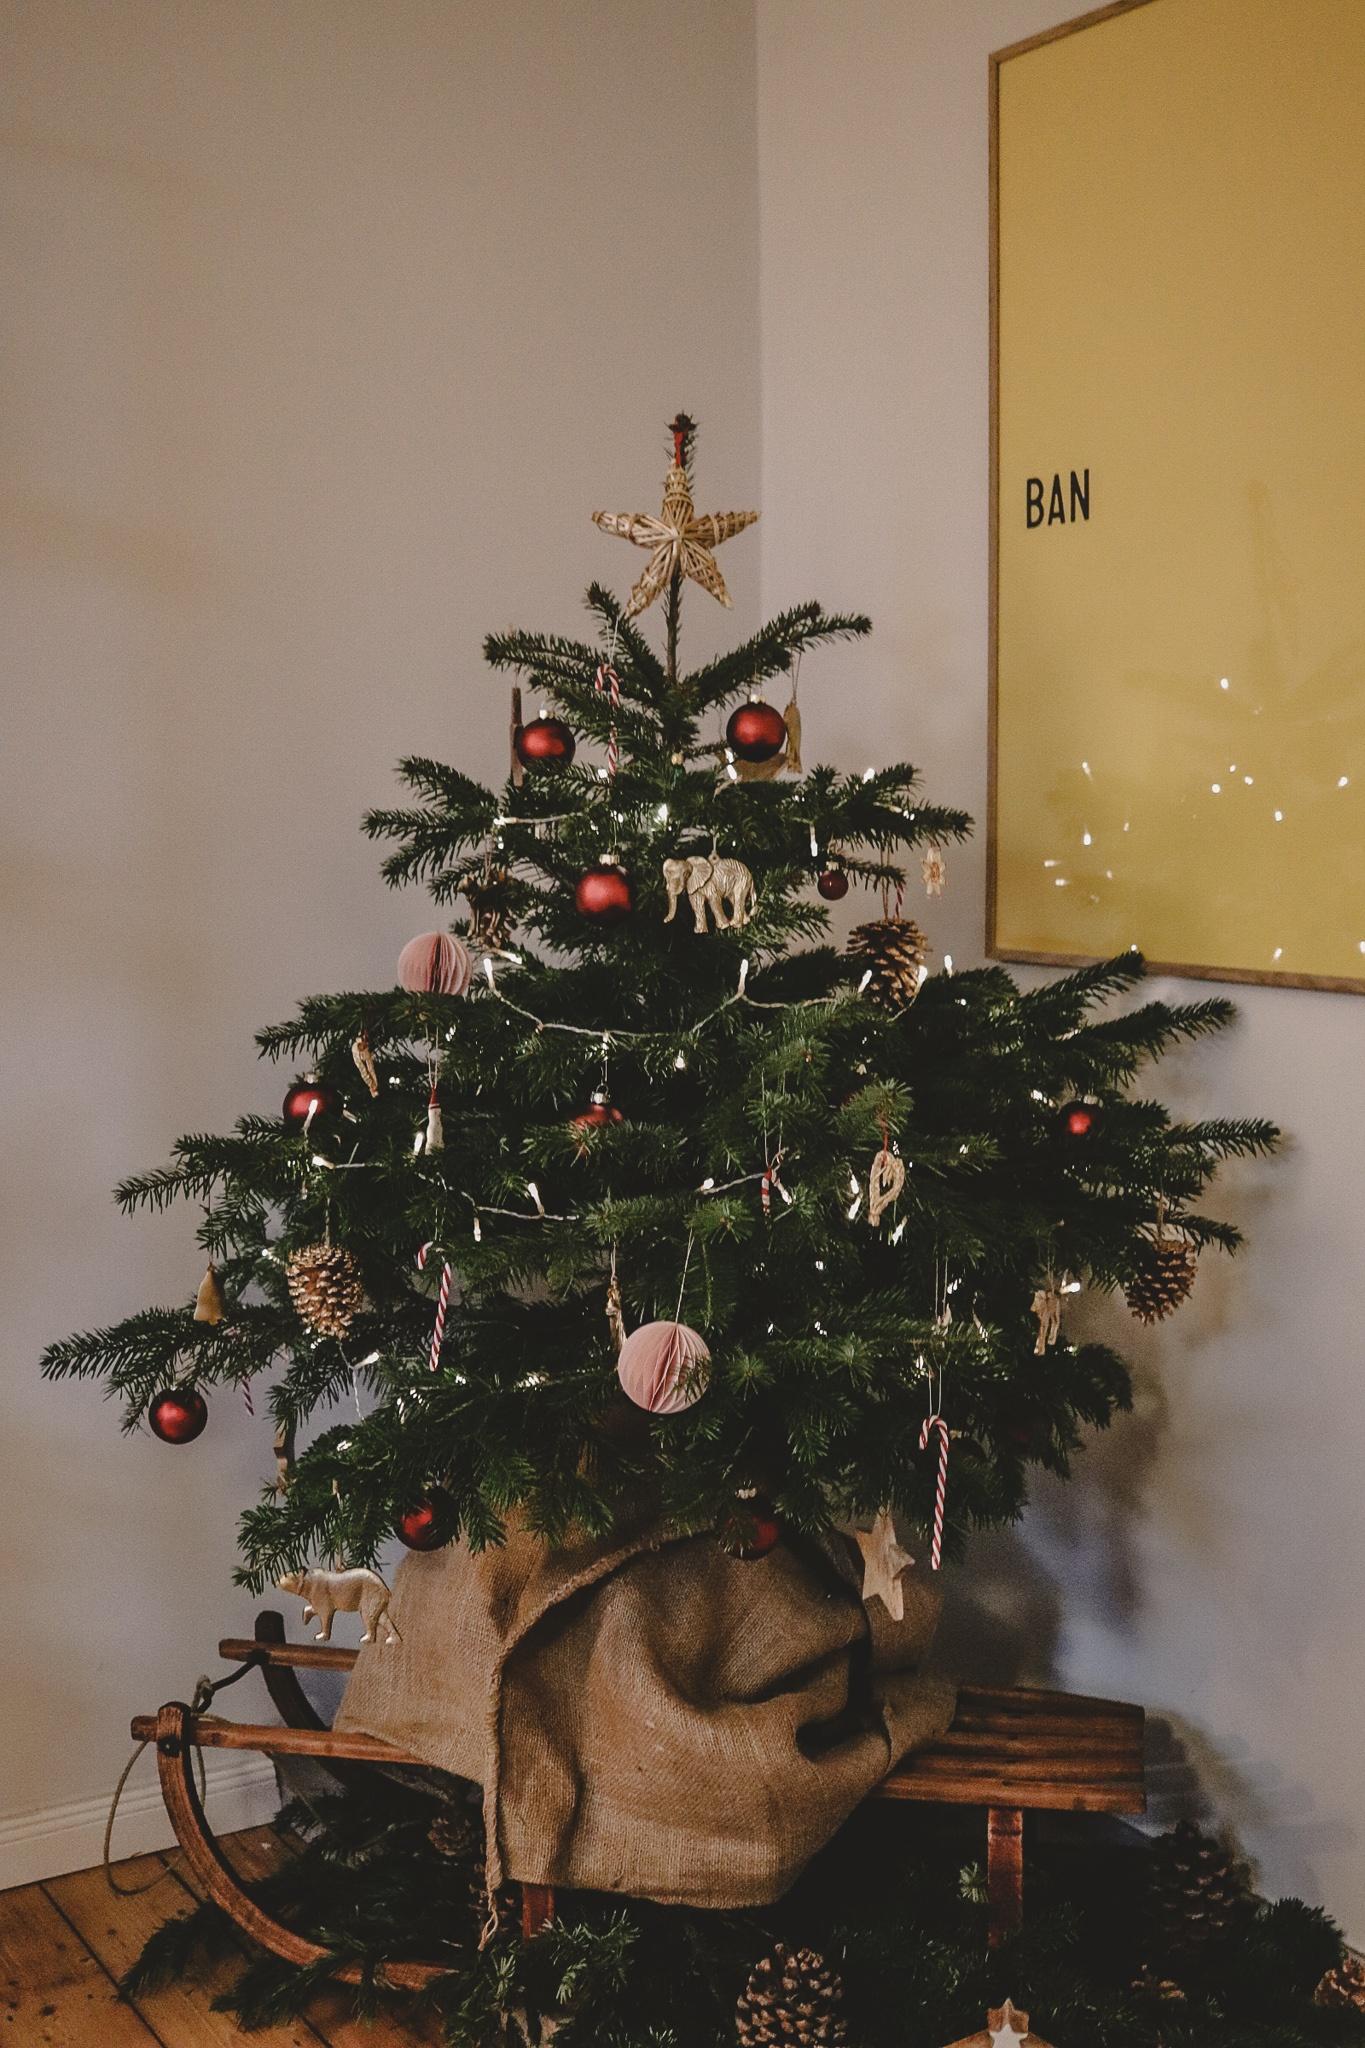 O du Gemütliche! Weihnachtsstimmung in der Villa Peng